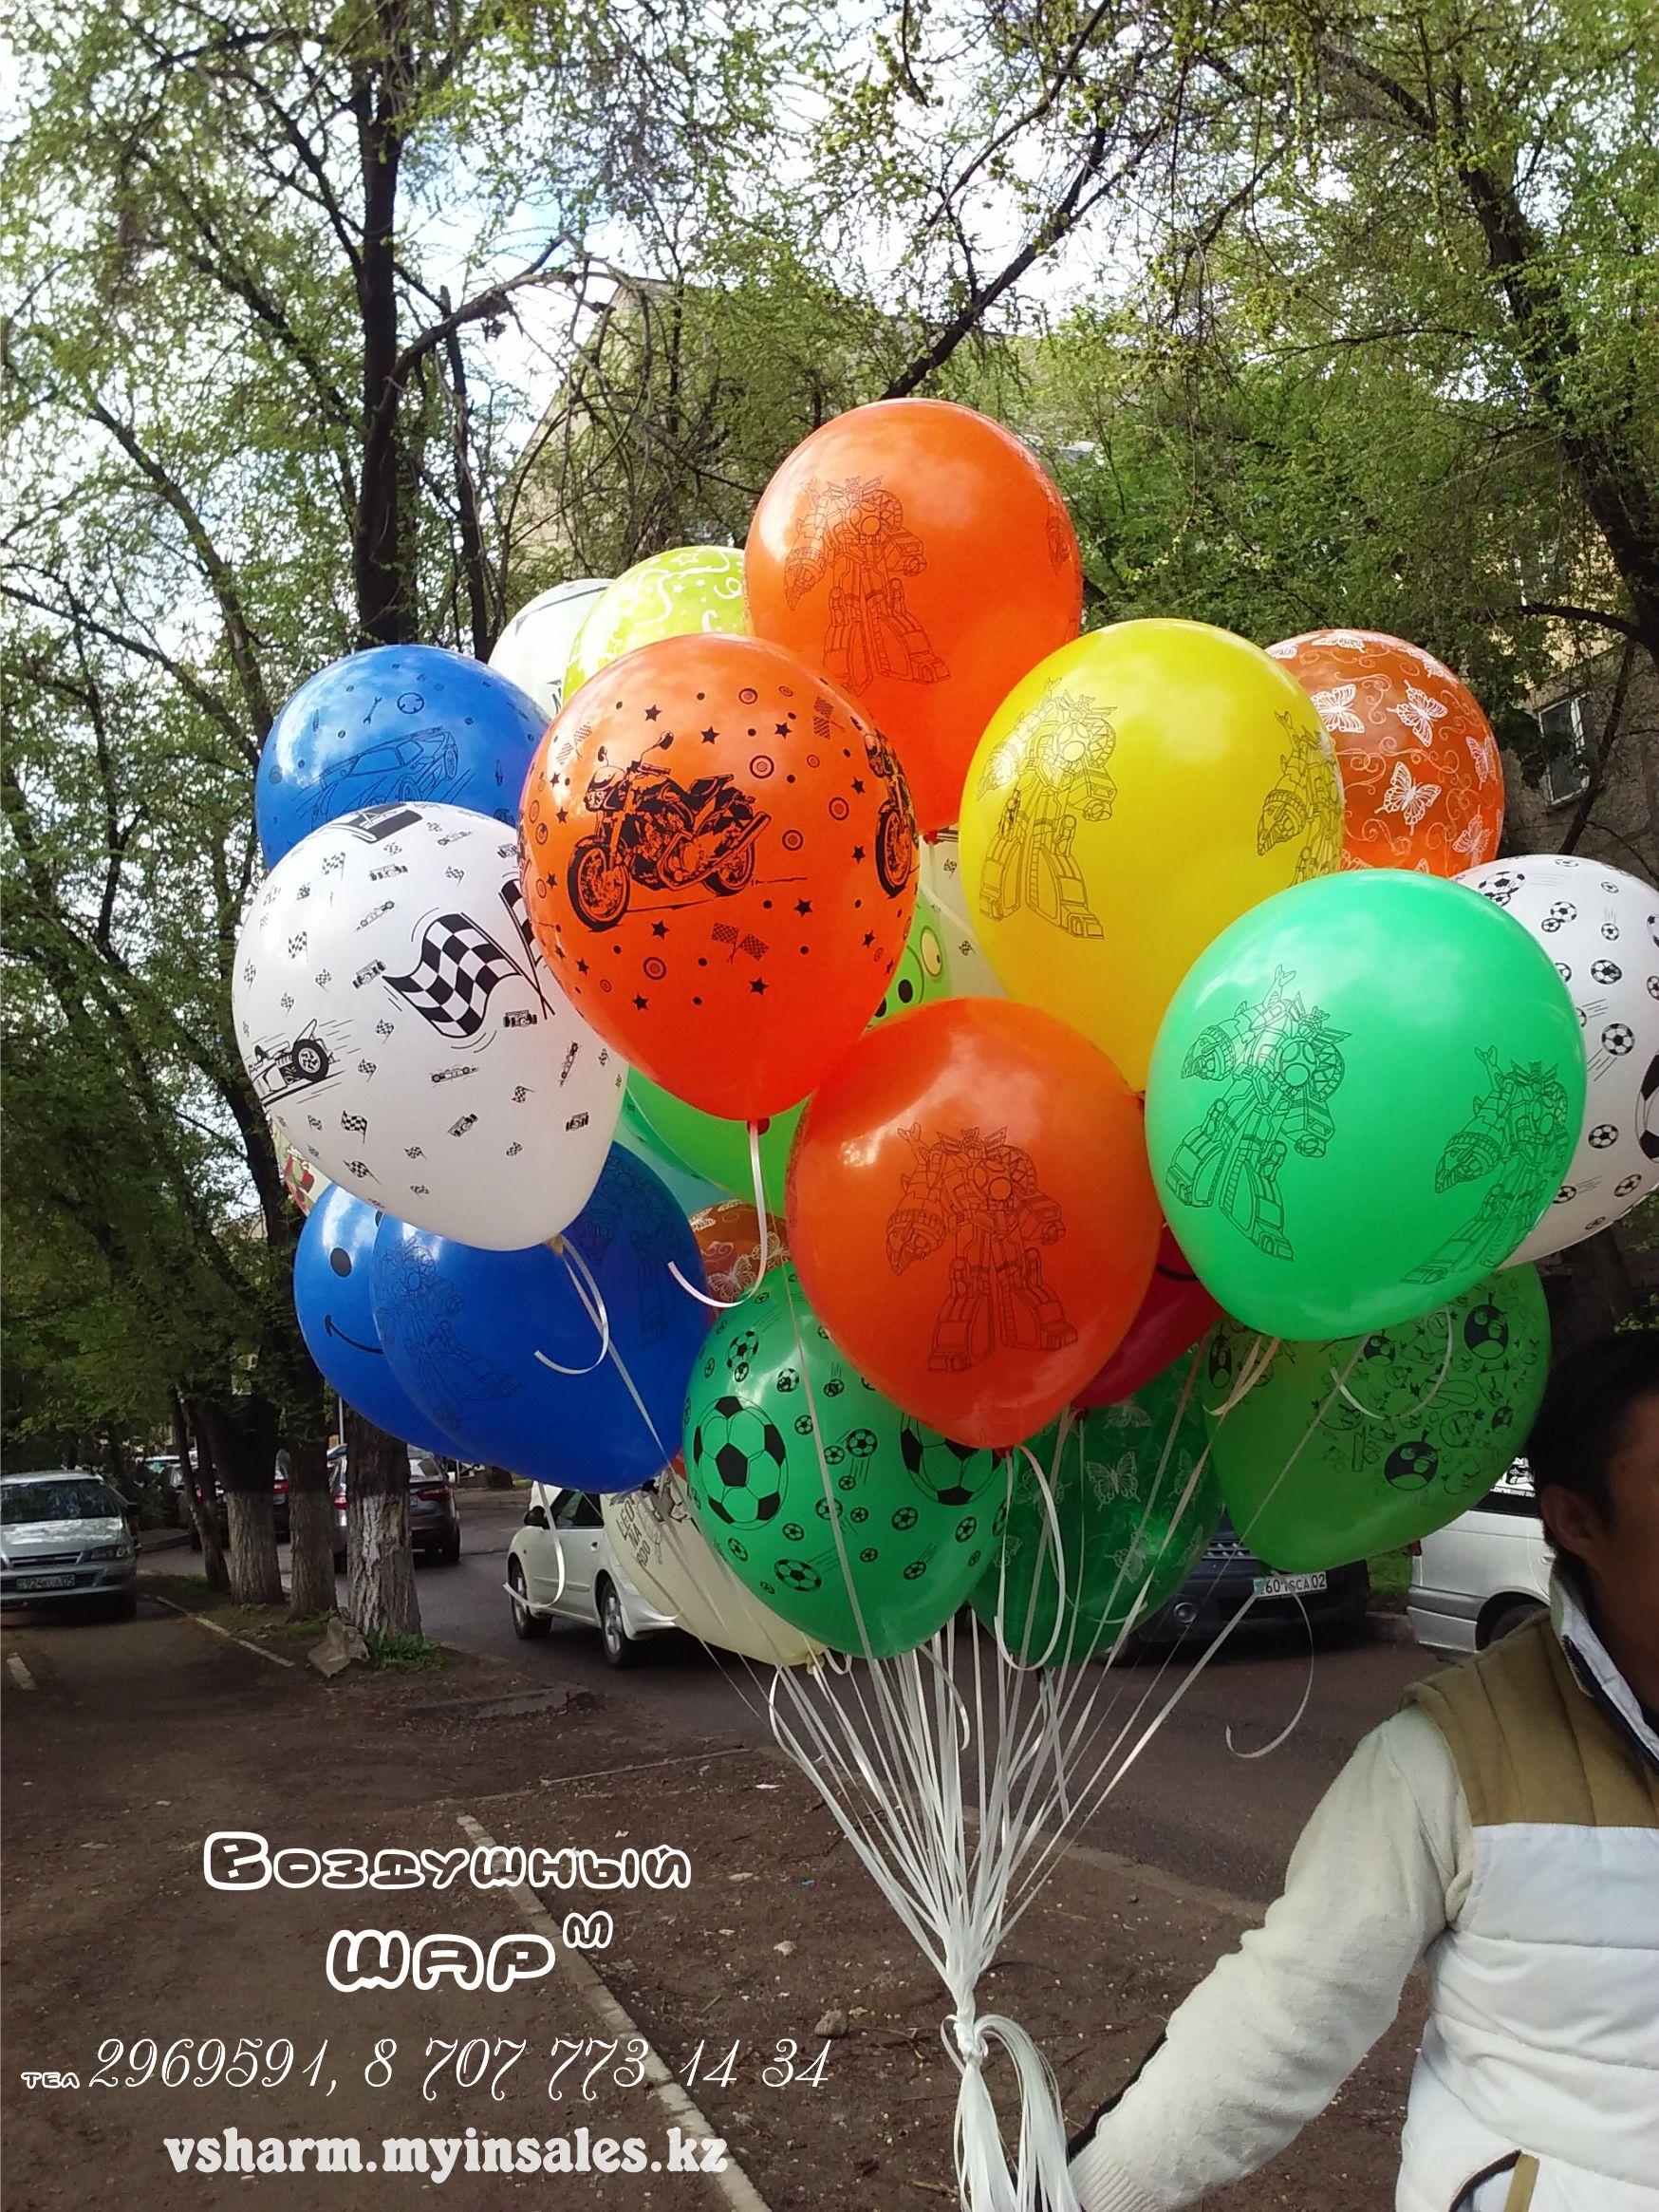 доставка_шаров_для_мальчика_на_день_рождения.jpg